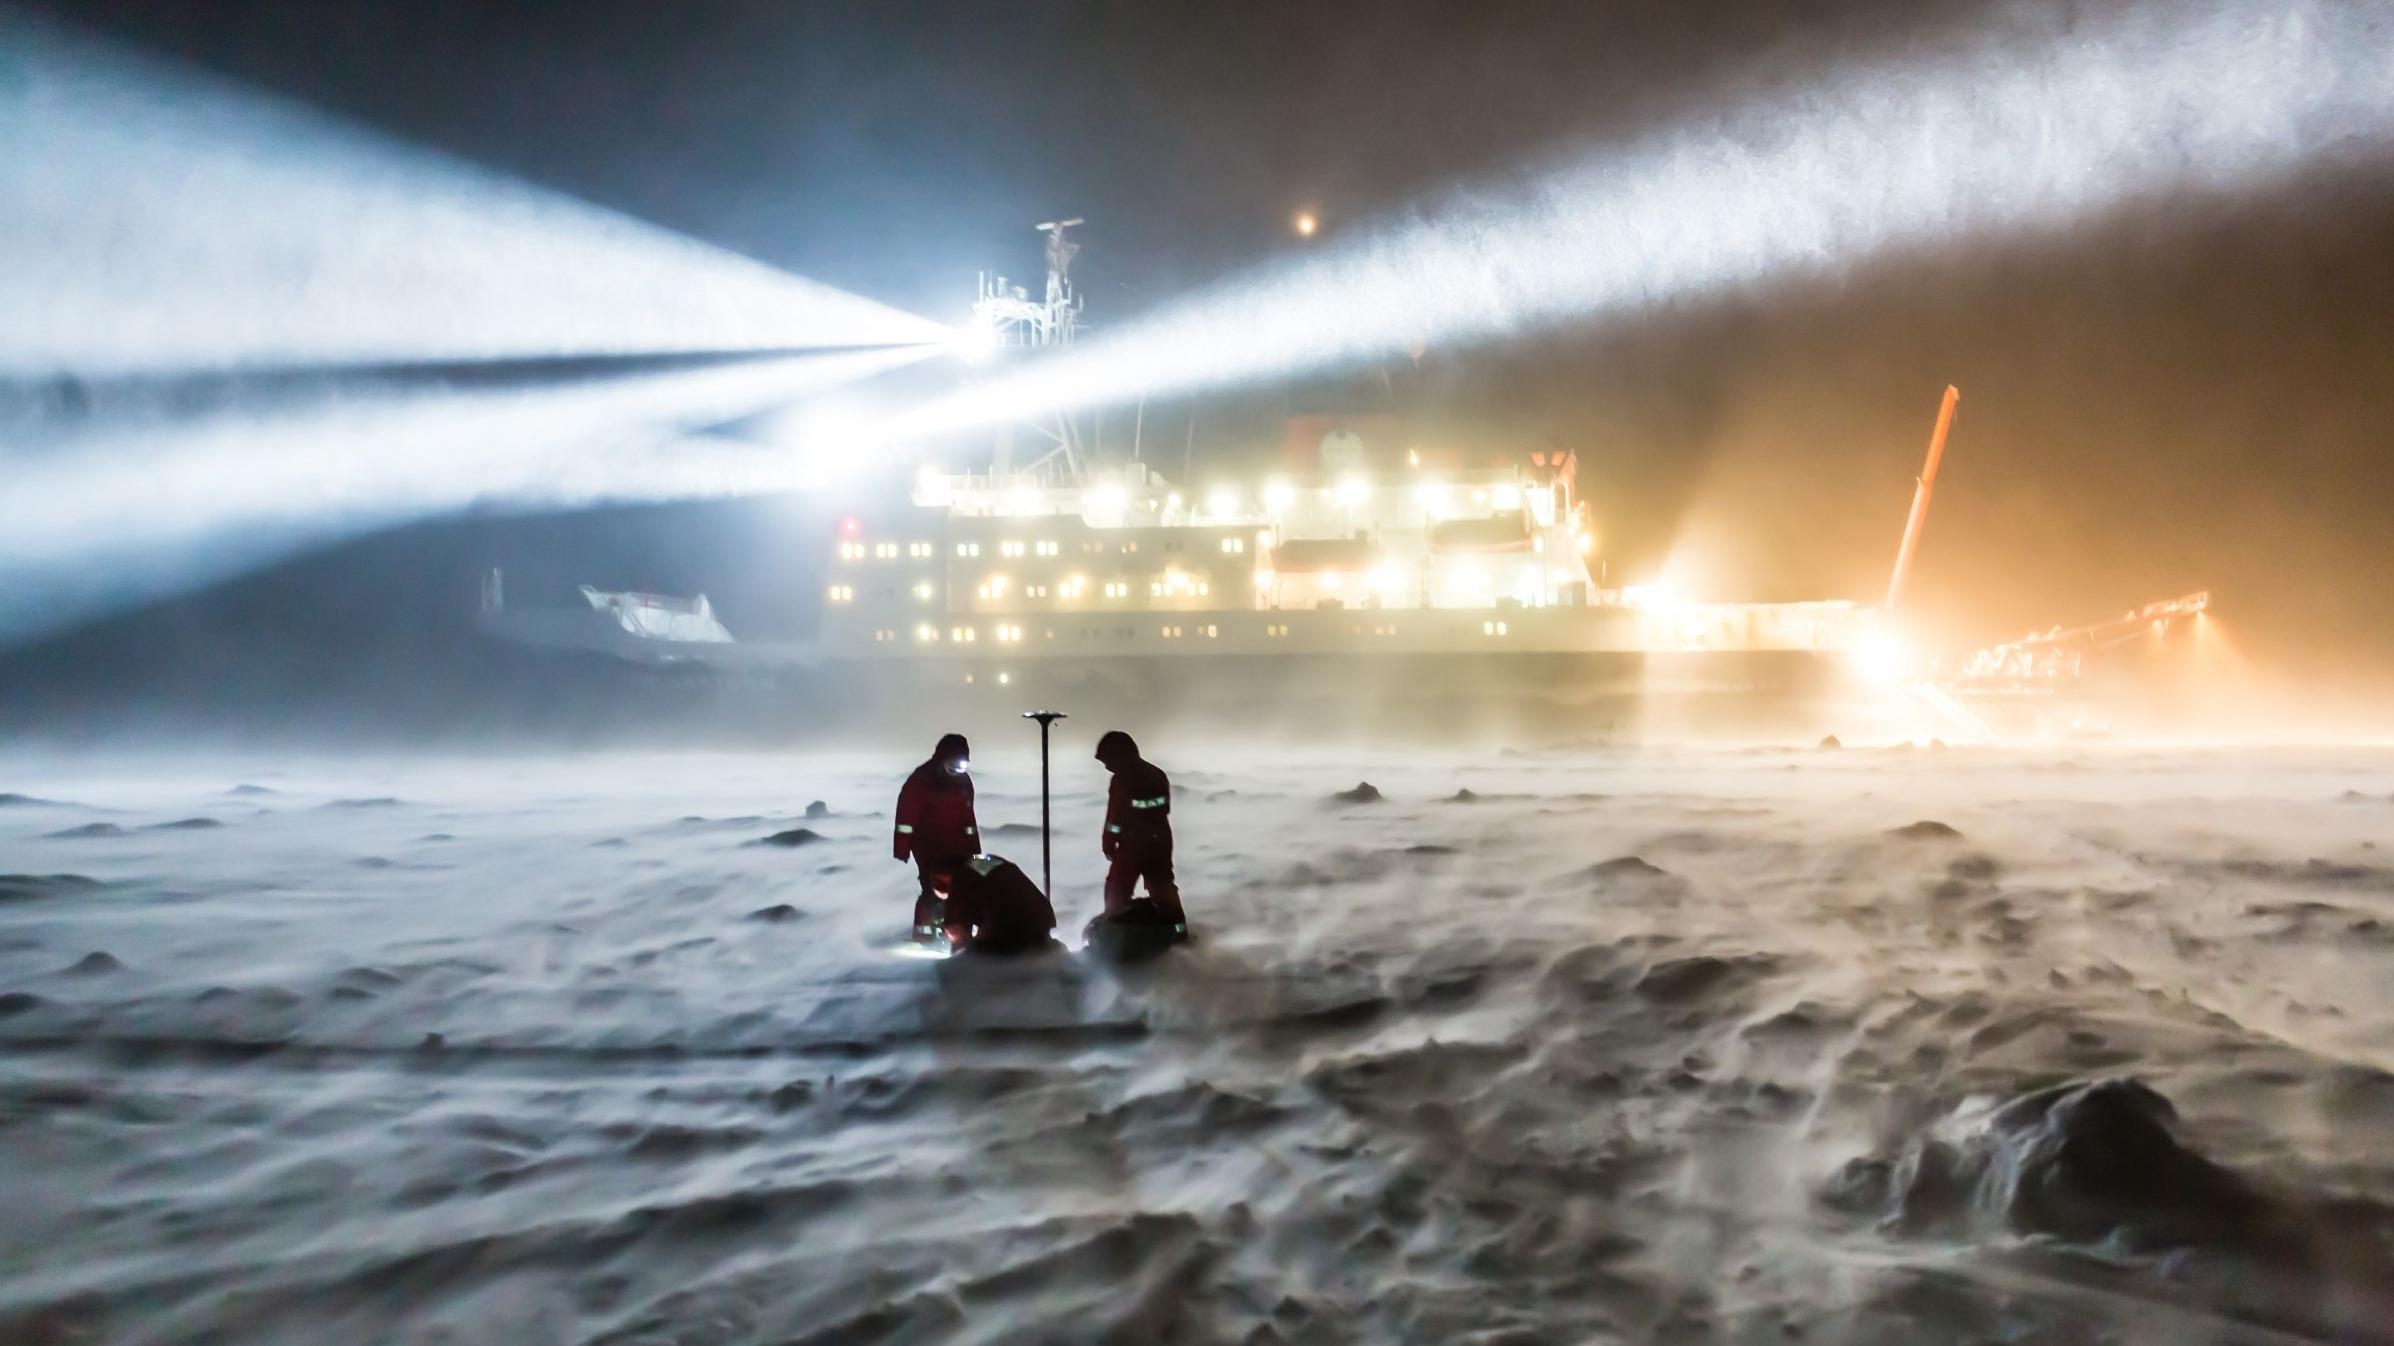 Der Forschungseisbrecher Polarstern lässt sich bei der MOSAiC-Expedition ab Herbst 2019 in der Arktis einfrieren und driftet ohne eigenen Antrieb durchs Nordpolarmeer.